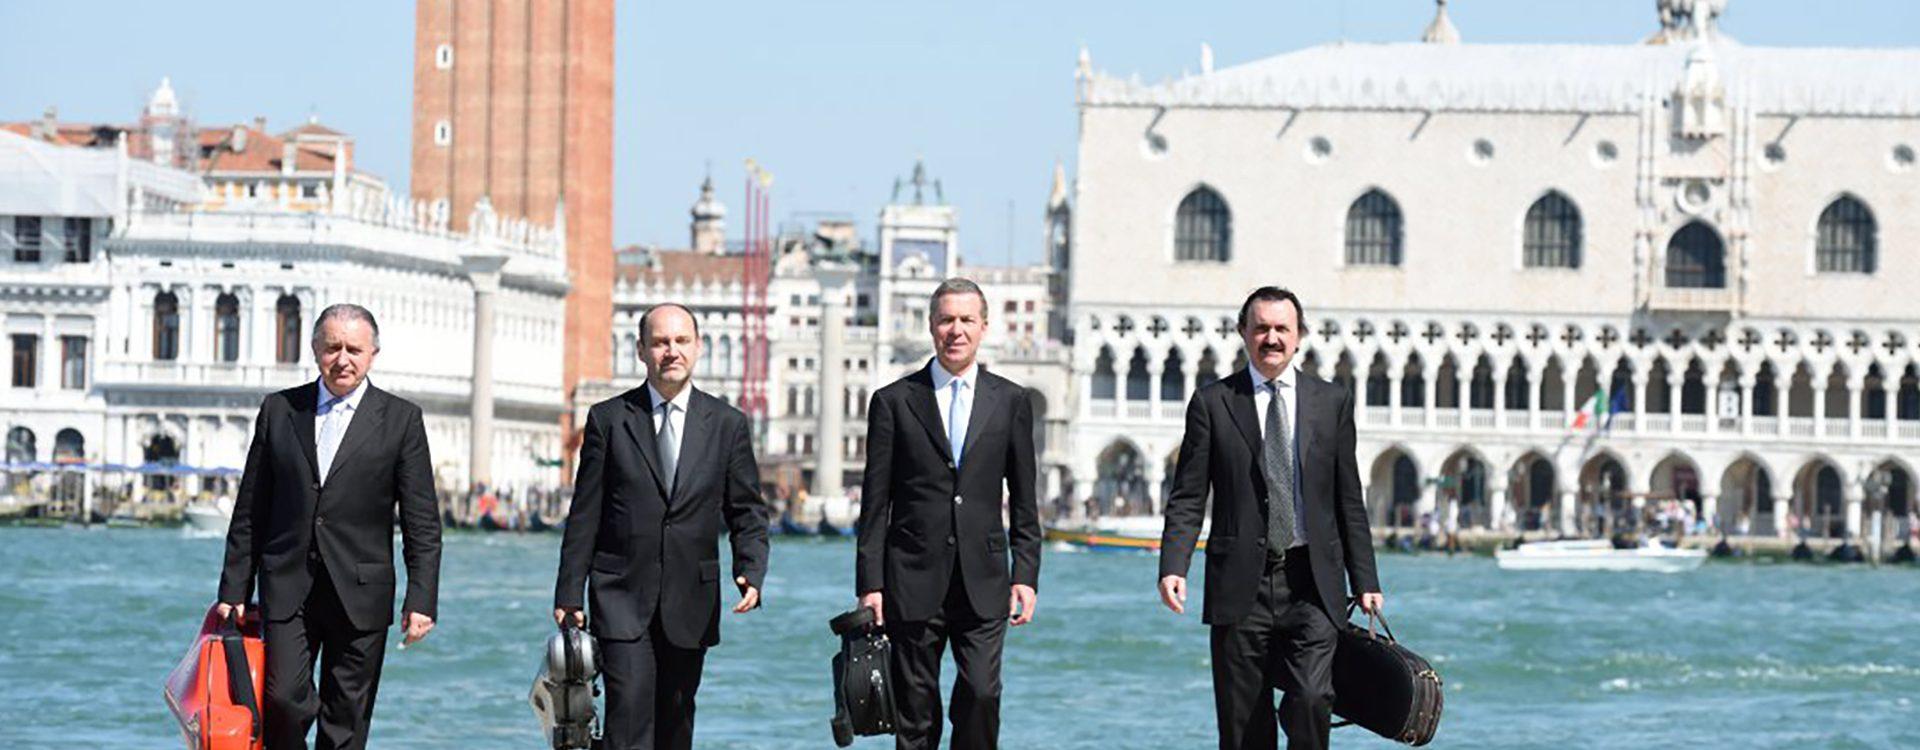 quartetto-venezia-web